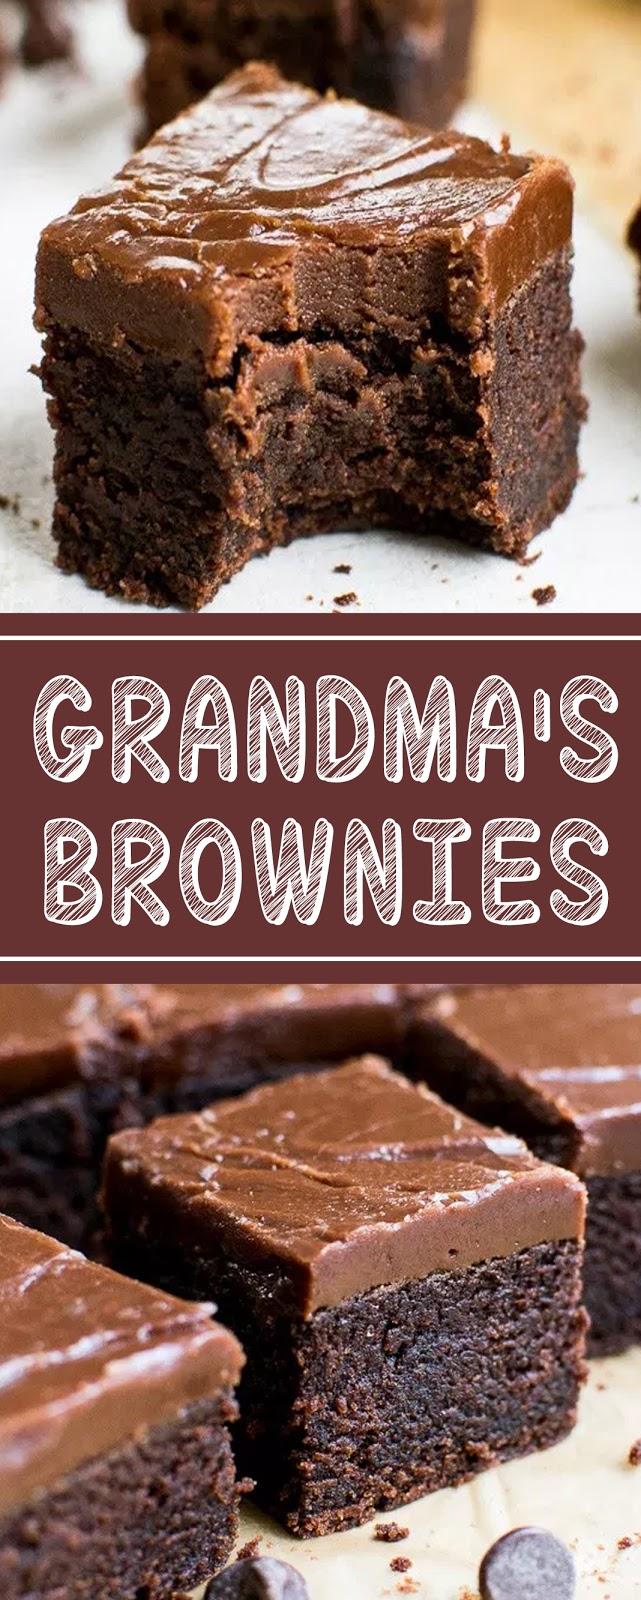 Recipe GRANDMA'S BROWNIES #brownies #cakes